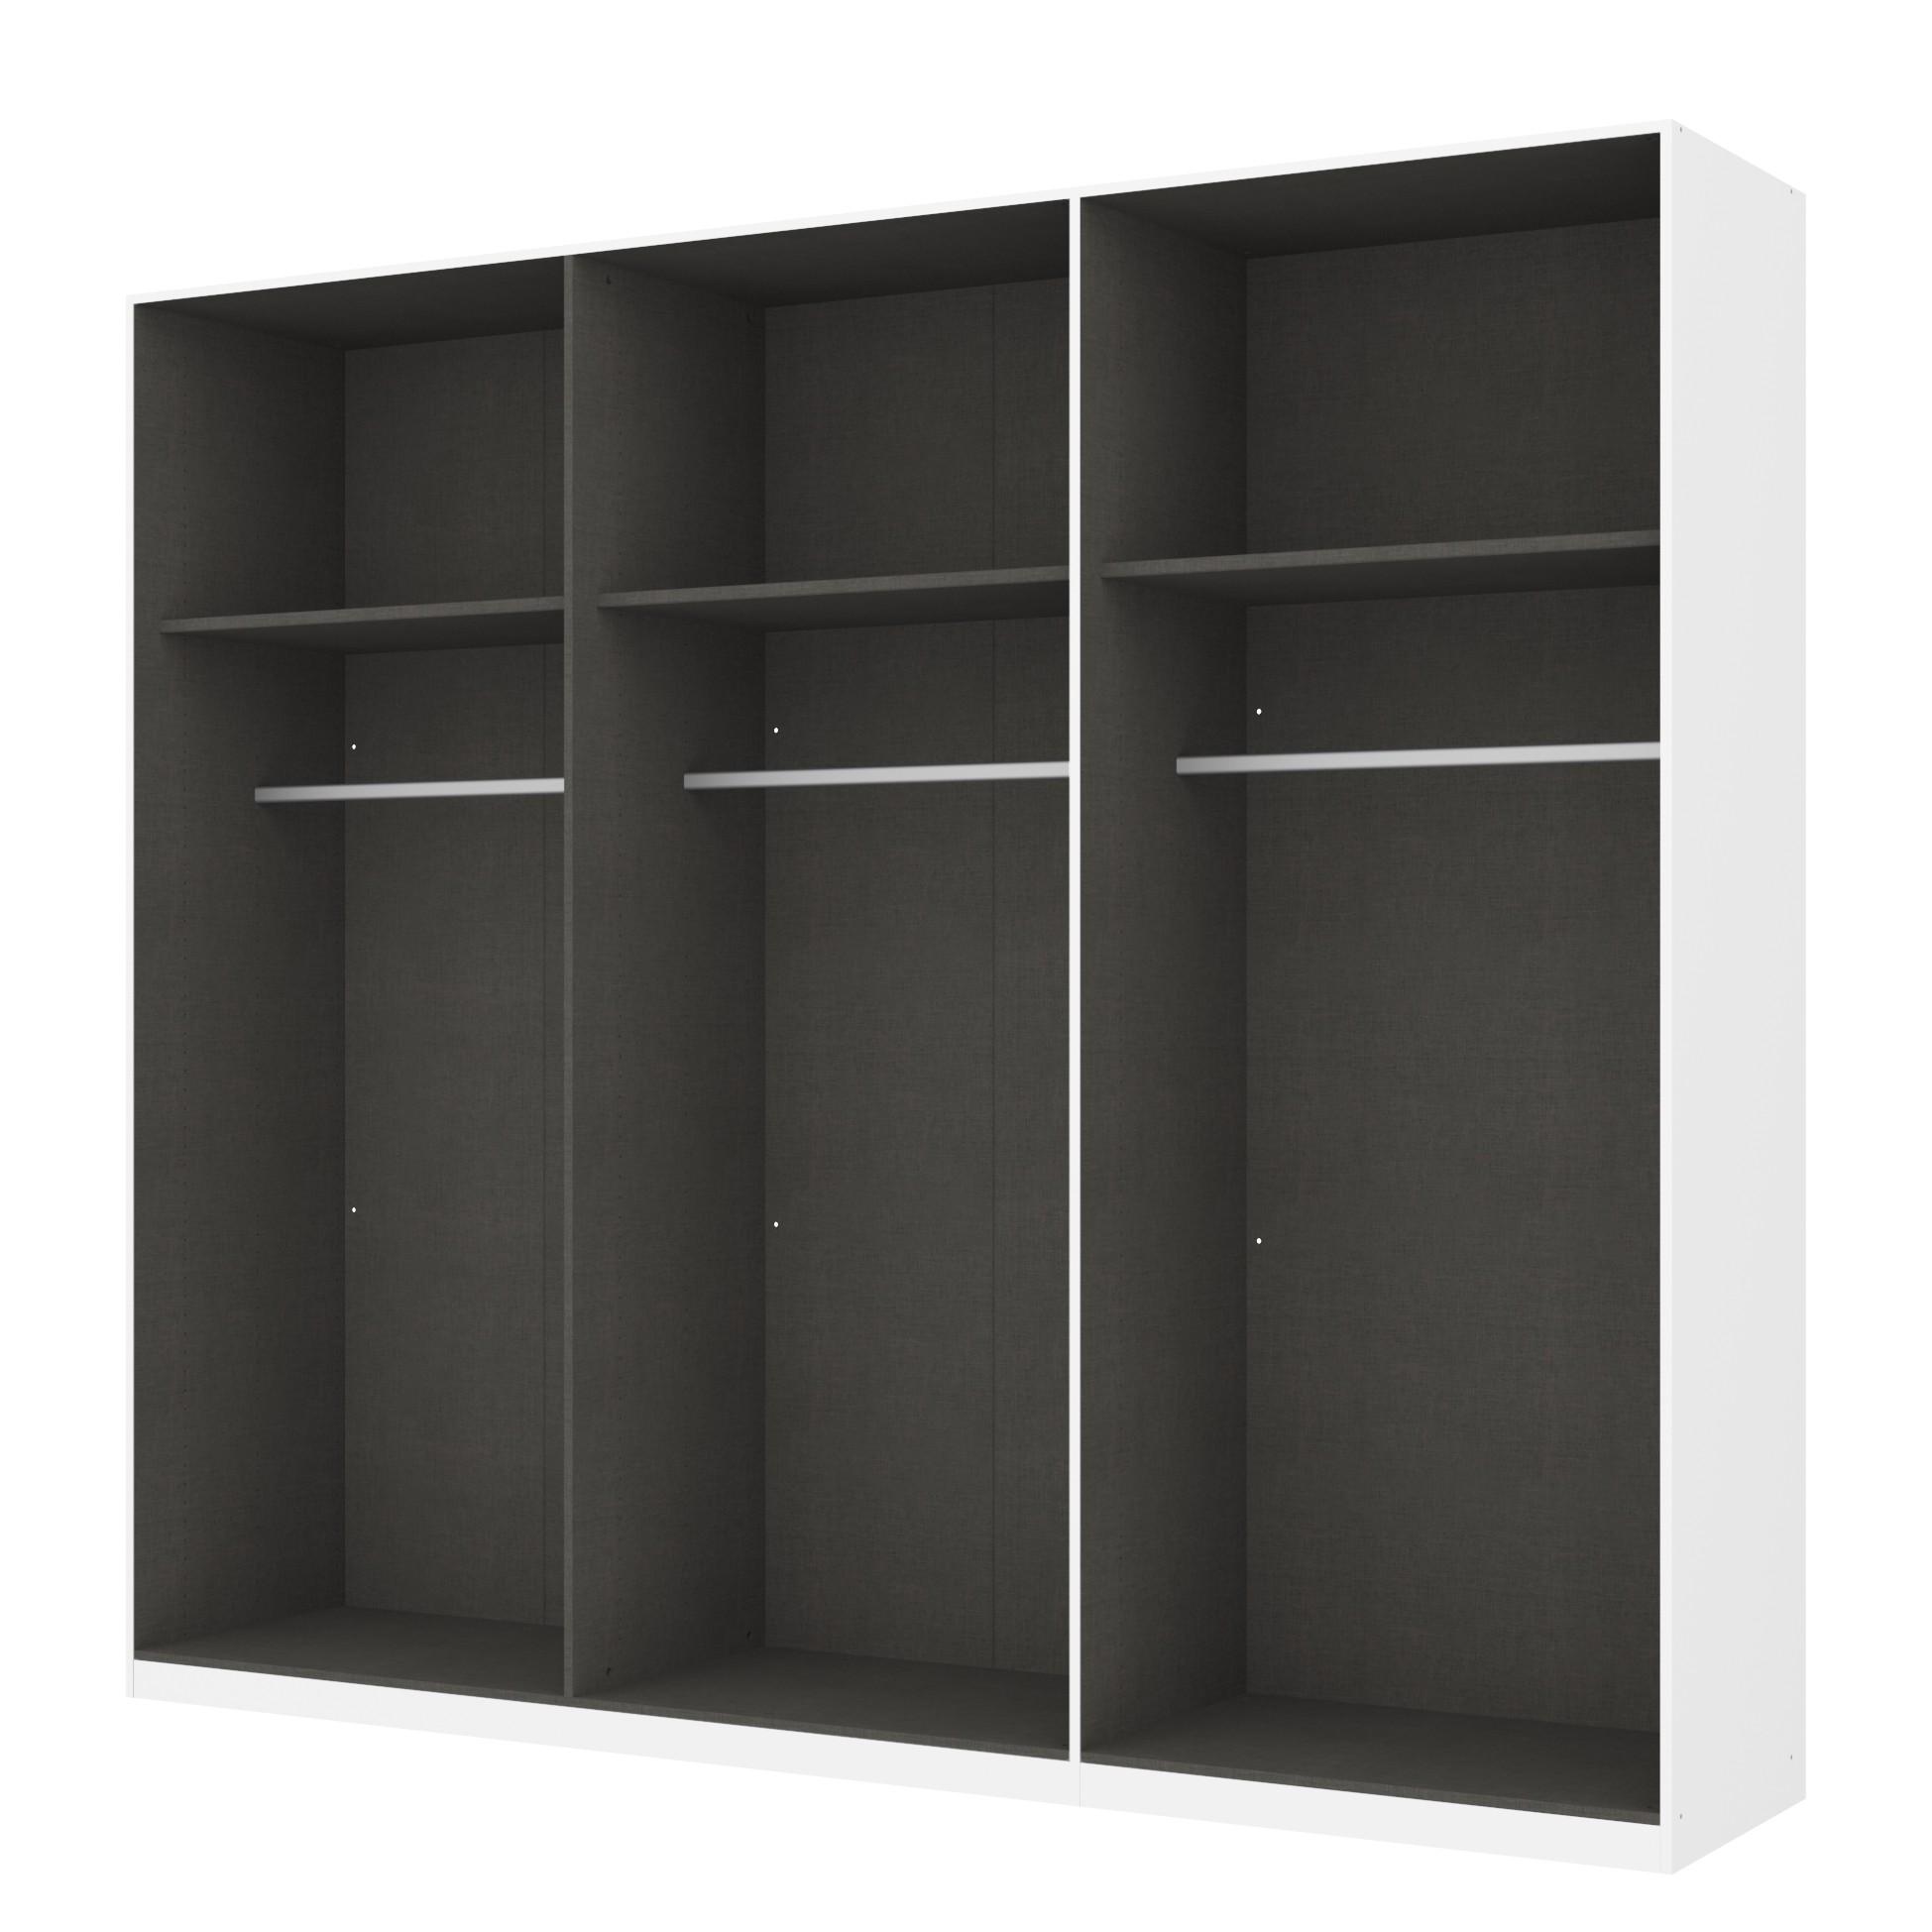 Kleiderschrank SKØP – Alpinweiß/ Offen – 270 cm (6-türig) – 236 cm – Comfort, SKØP jetzt bestellen